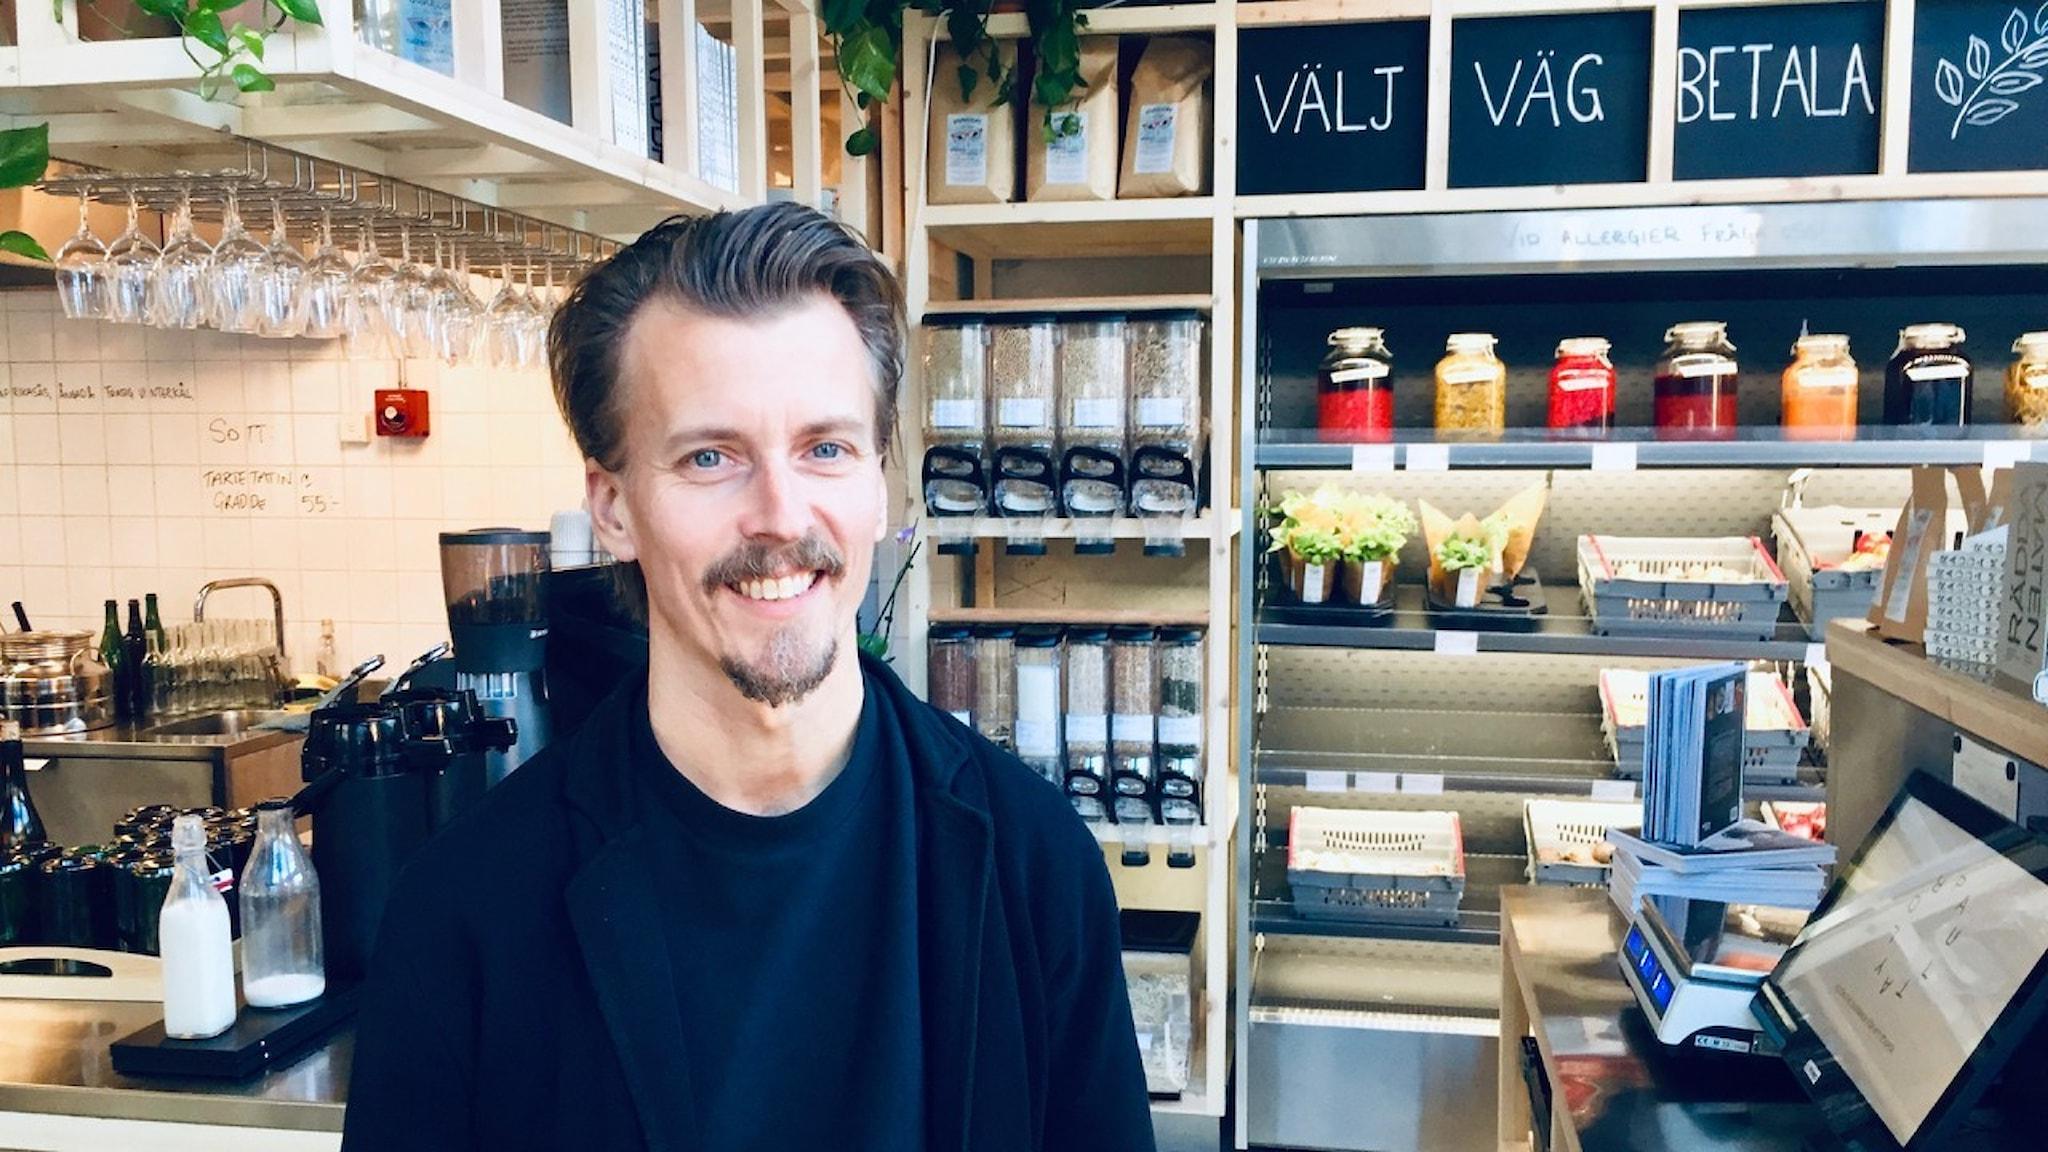 Kocken Paul Svensson lär oss att svinnventera - ta vara på råvaror istället för att slänga dem.